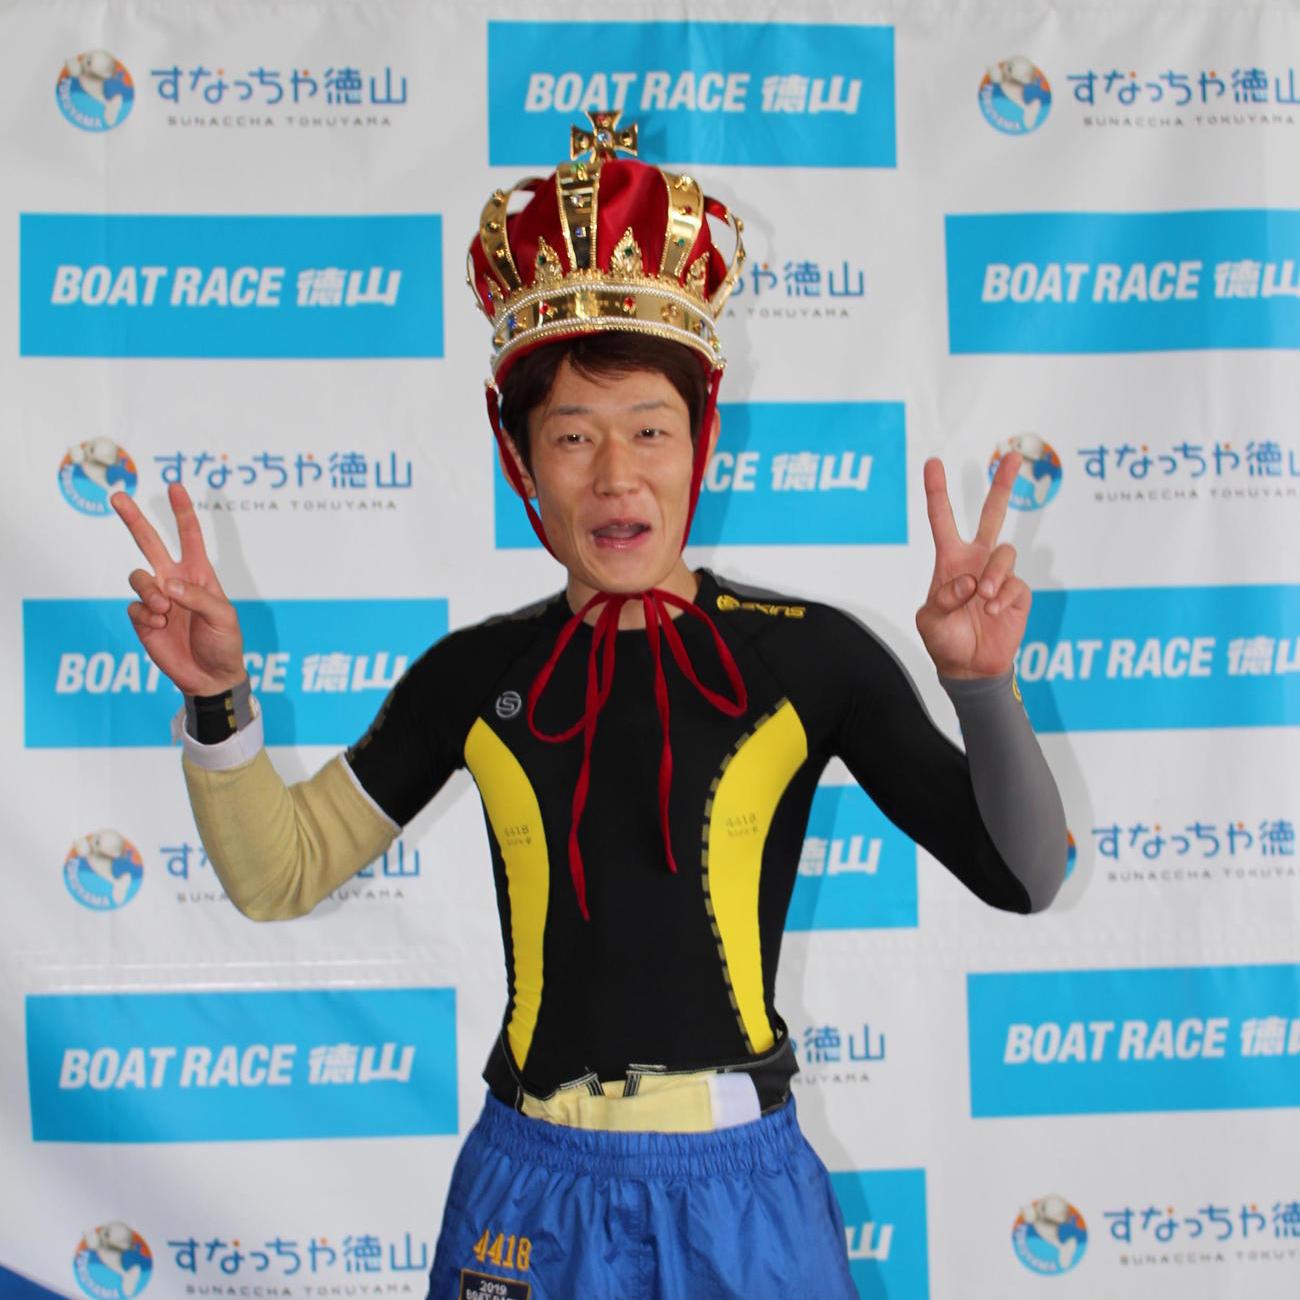 茅原悠紀選手が徳山クラウン争奪戦で優勝! ボートレース徳山・競艇・周年記念